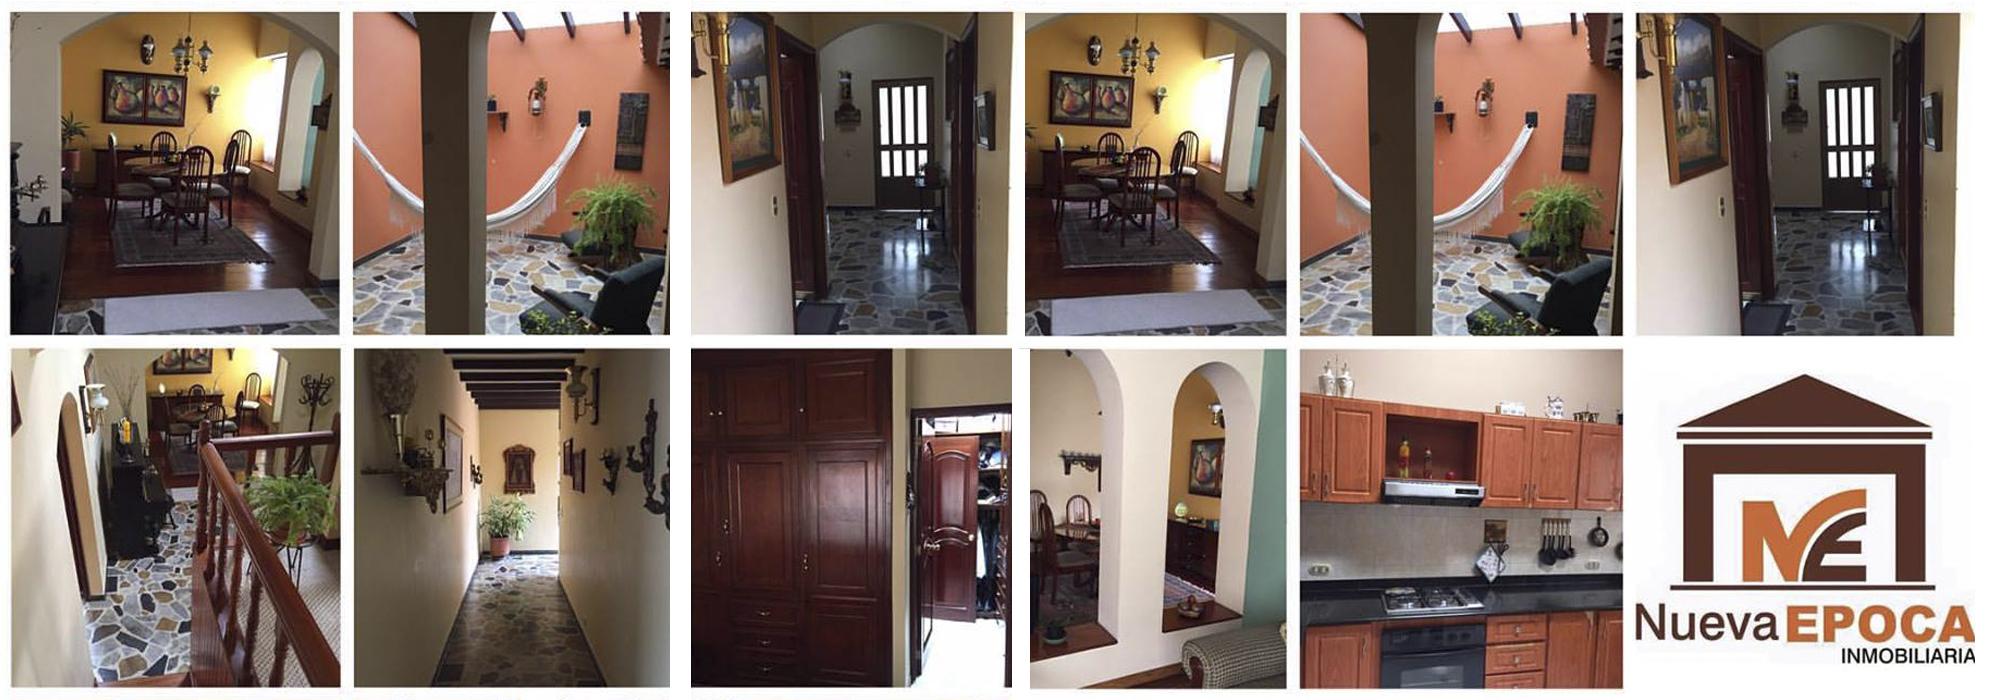 Casa en venta (una sola planta)/Sector Morasurco